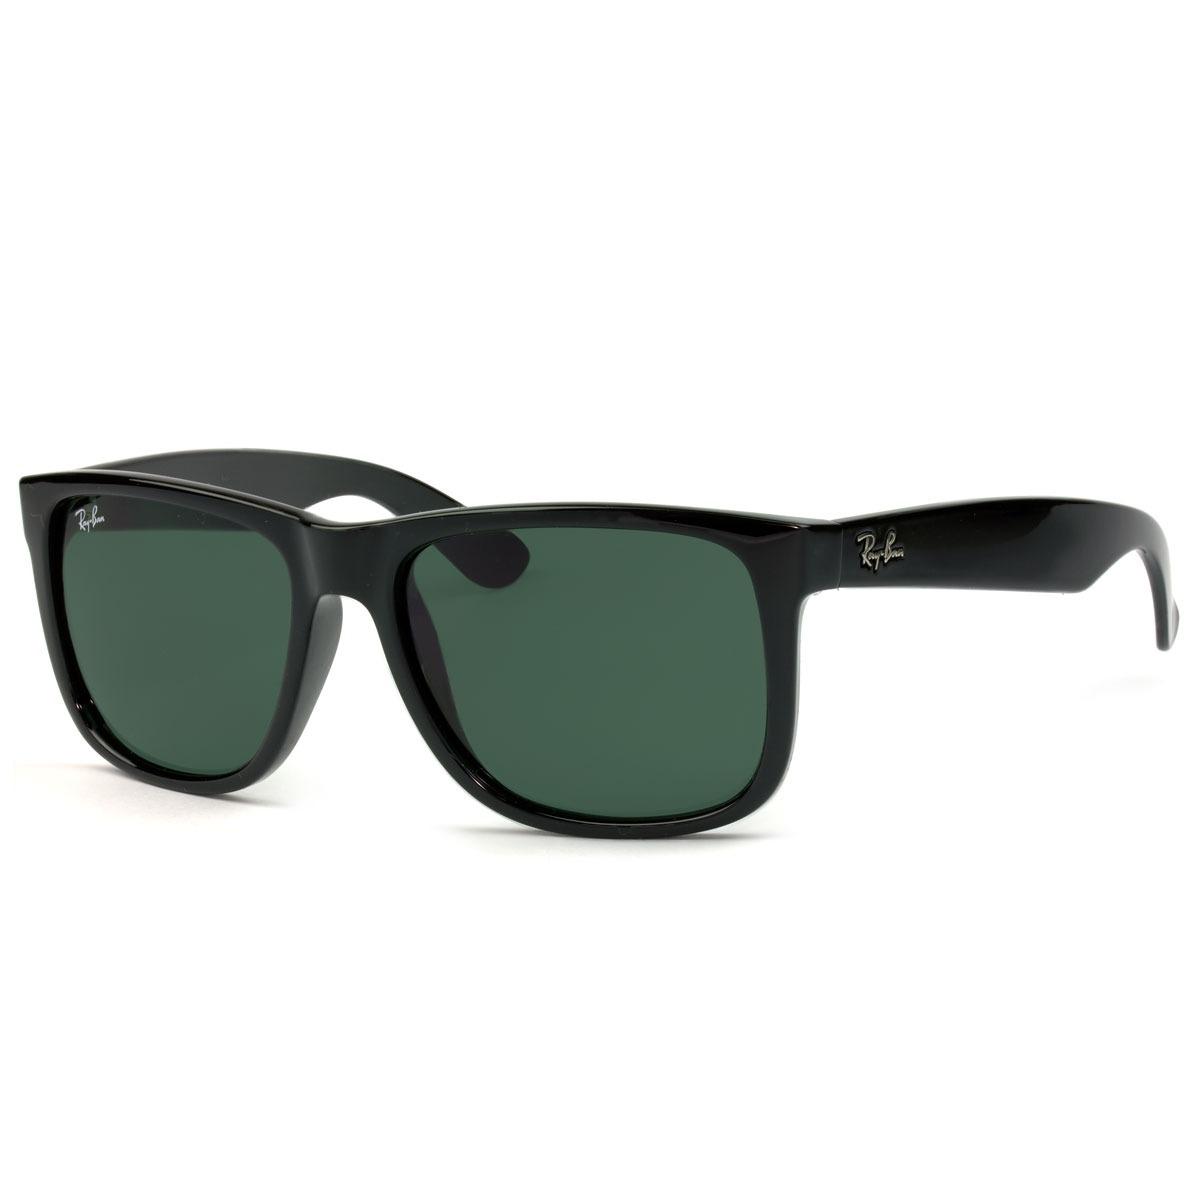 a41690456267f Óculos De Sol Ray-ban Justin Rb4165l 601 71 55 Original - R  491